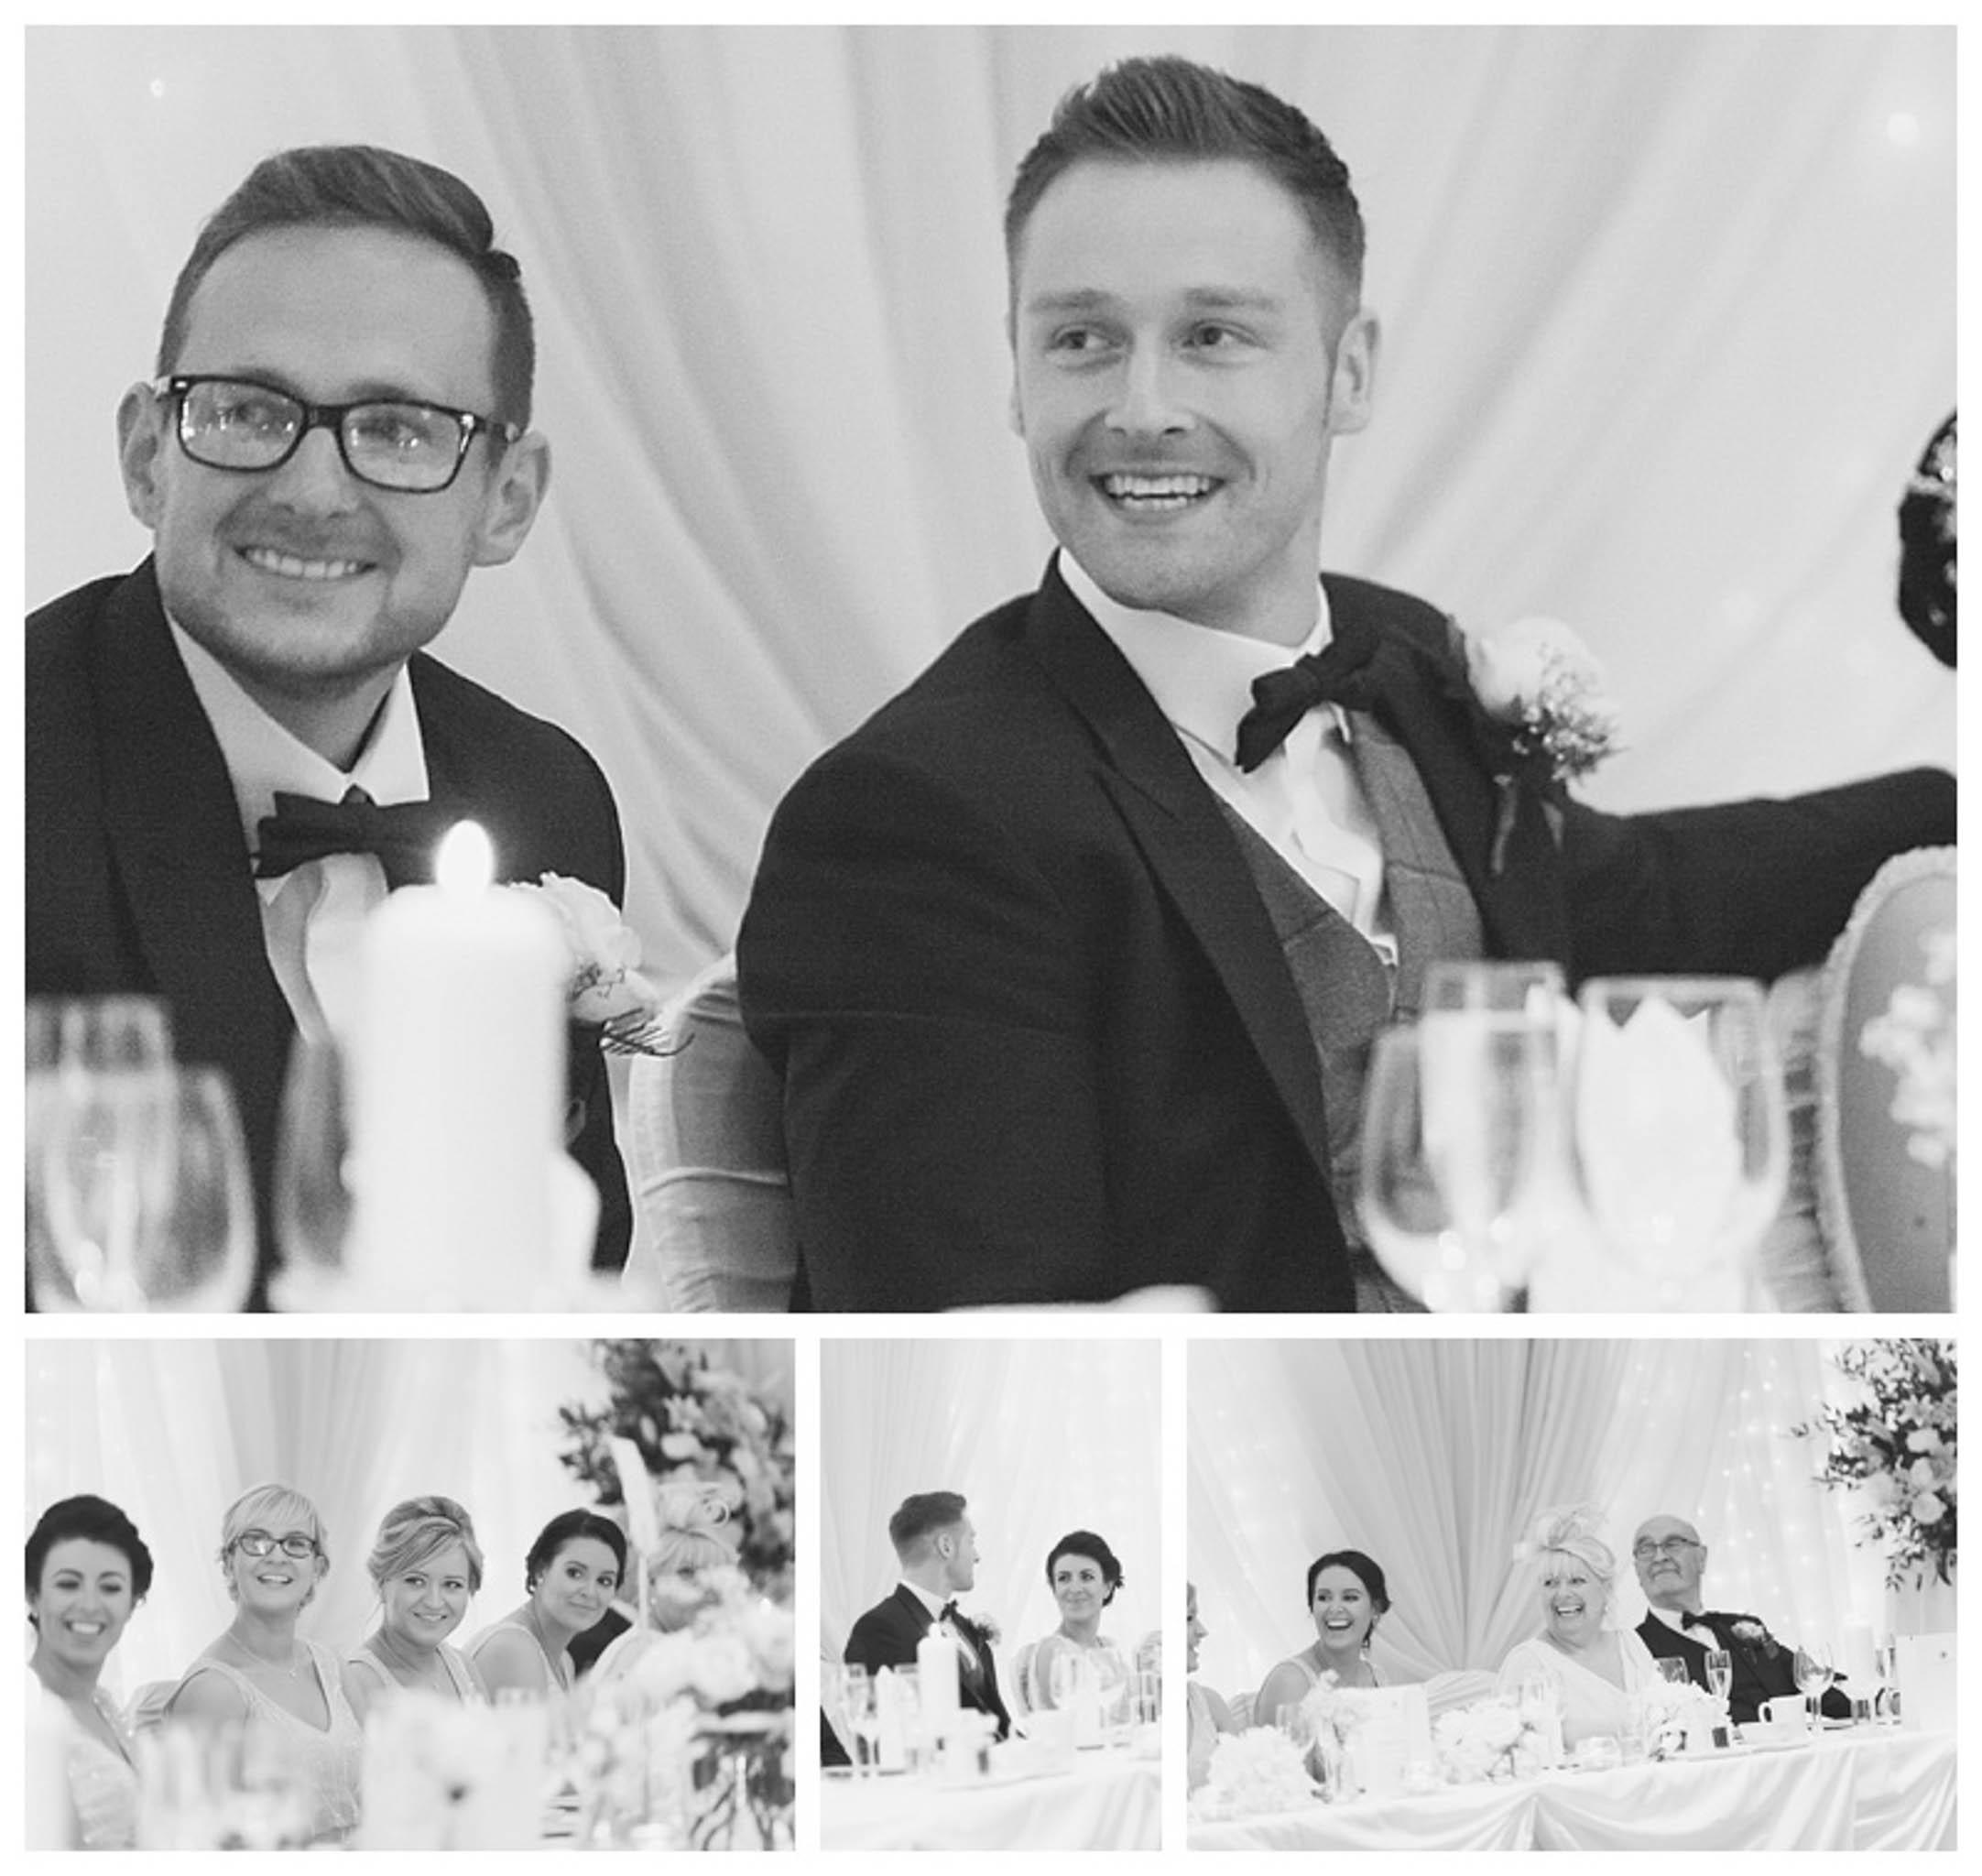 Slieve Donard Resort Wedding: Danielle & Glenn